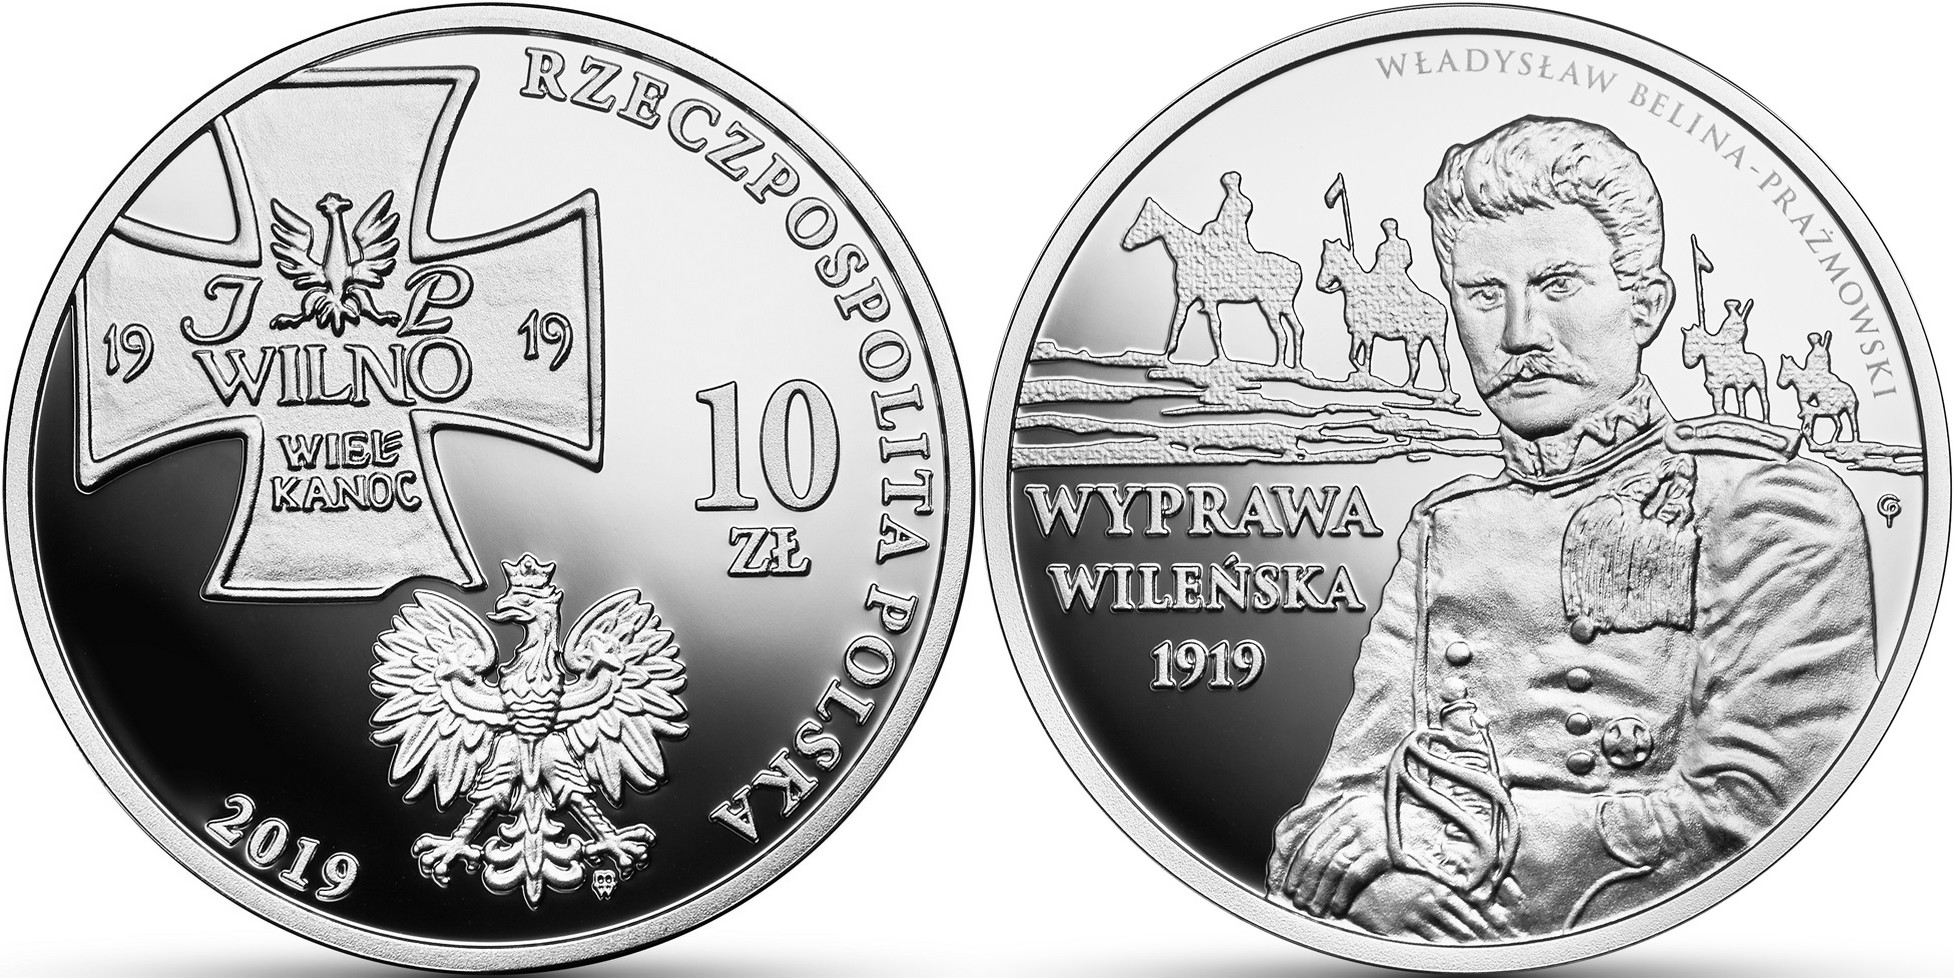 pologne-2019-100-ans-de-loffensive-de-vilnius